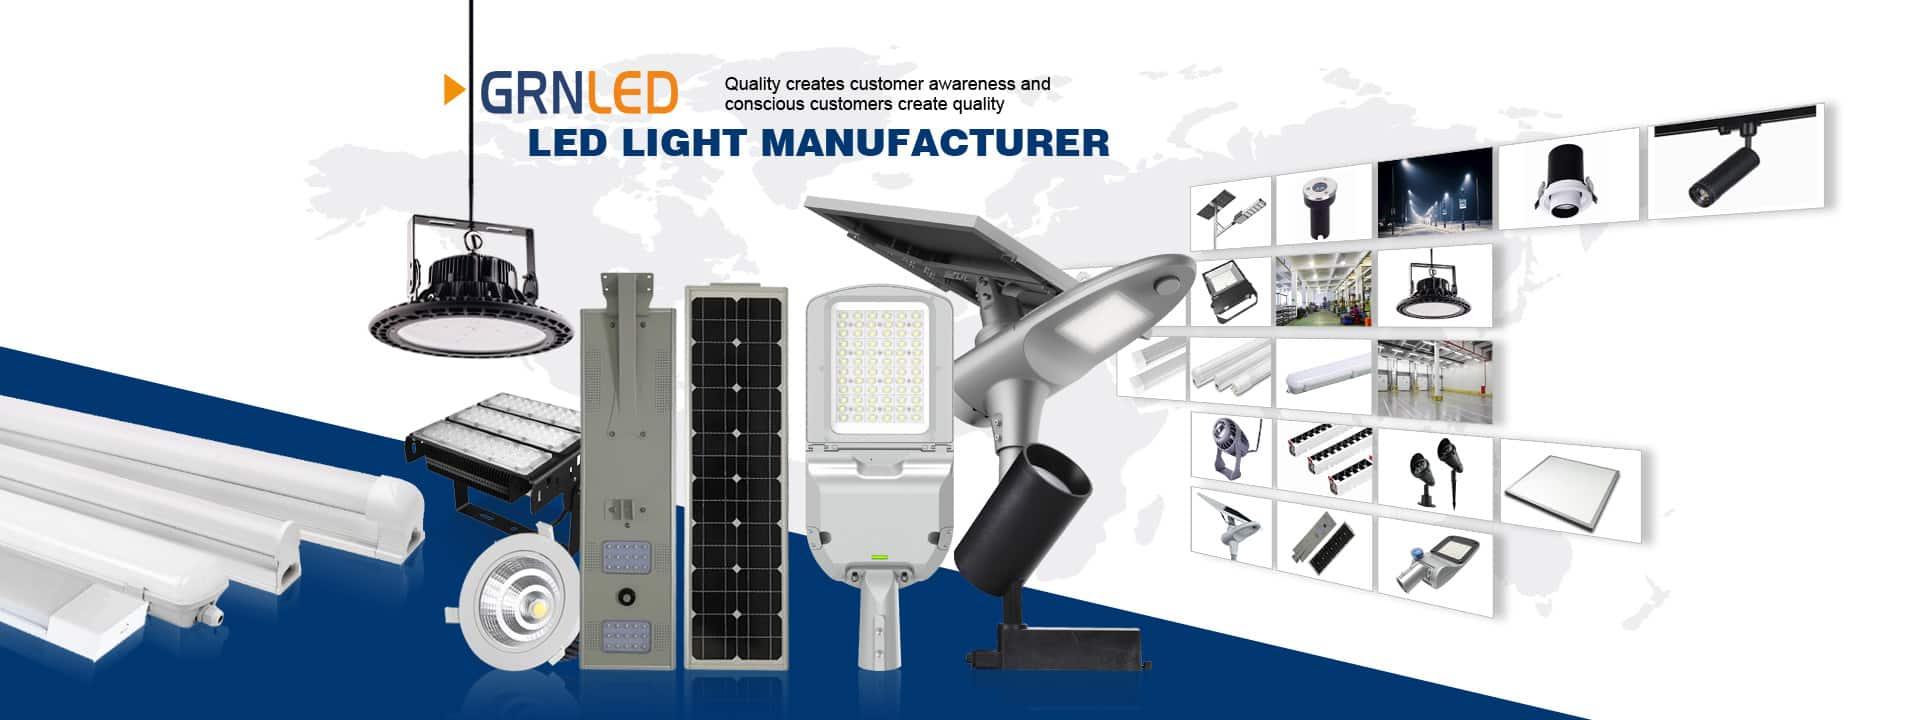 GRNLED LED light manufacturer